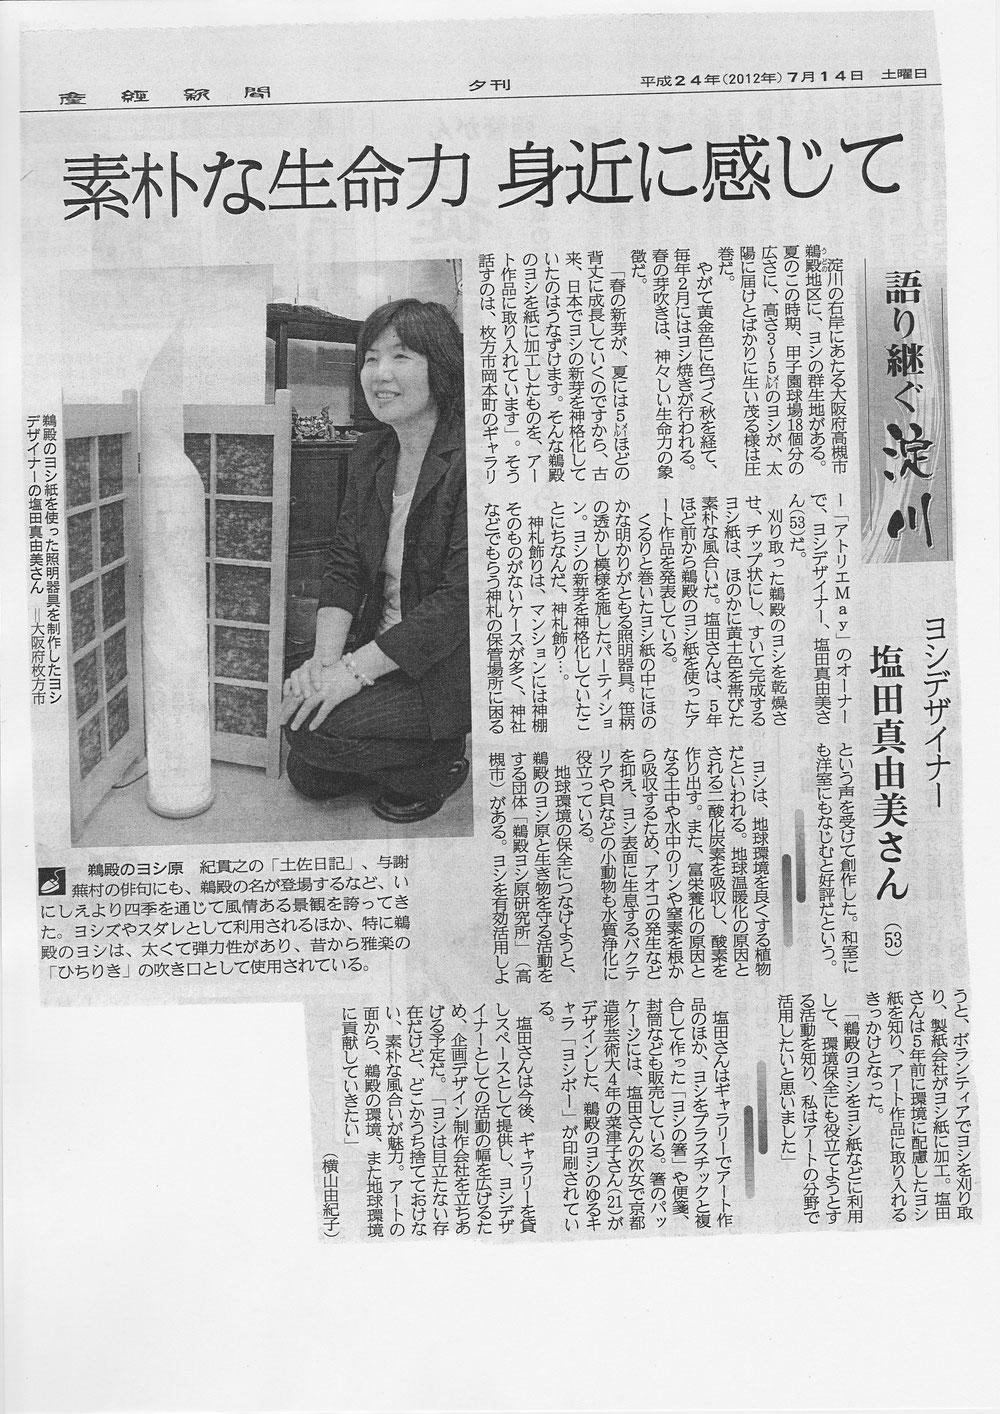 平成24年7月12日(土)産経新聞夕刊に掲載されました。